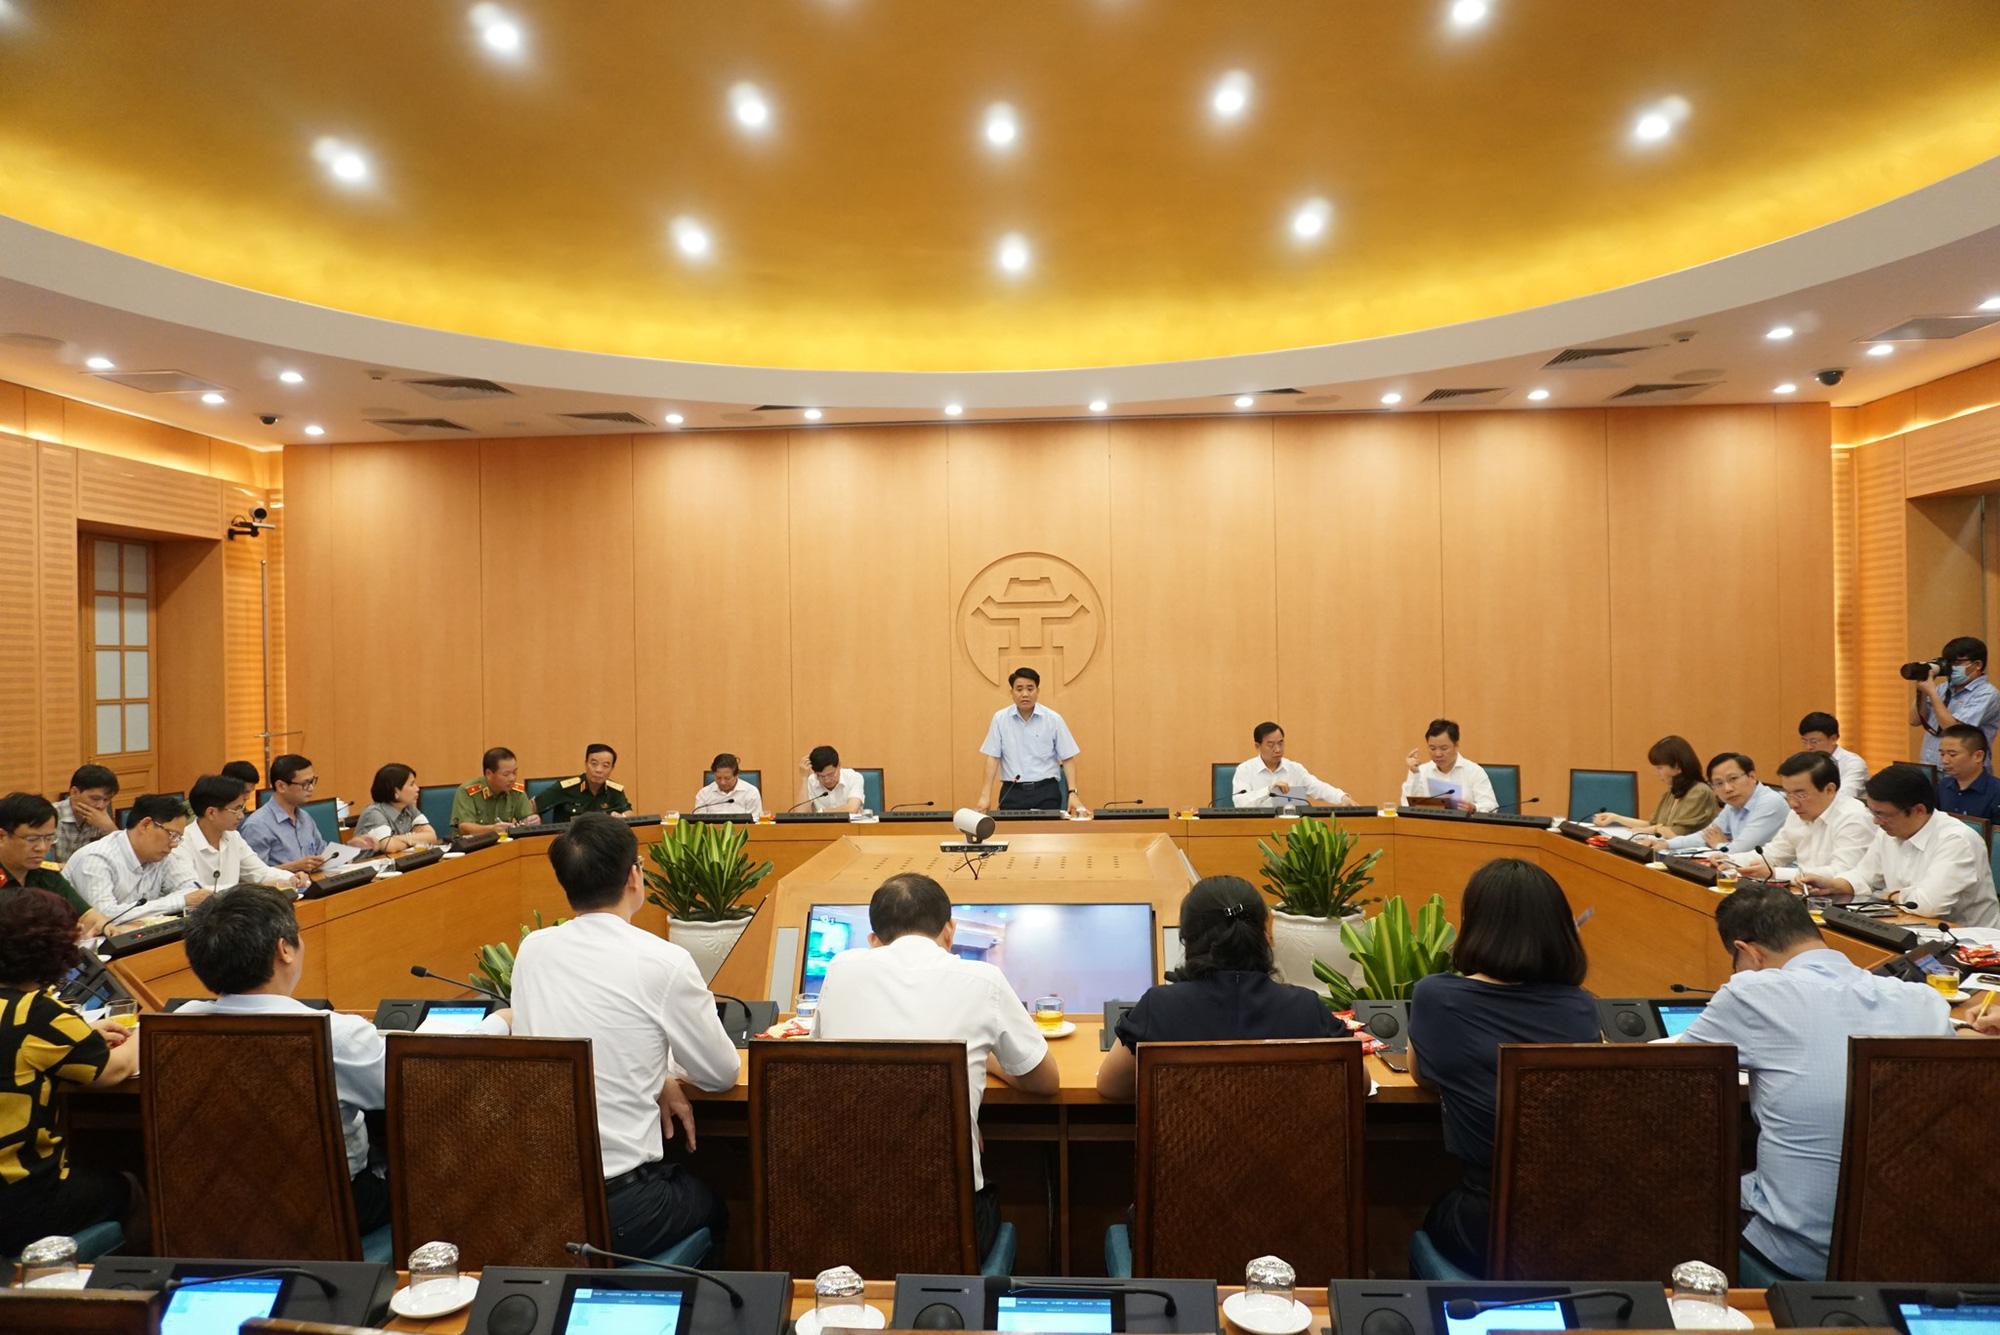 Chủ tịch Hà Nội: Thành phố đang vào giai đoạn cao điểm, đến ngày 13/8 mới yên tâm - Ảnh 2.